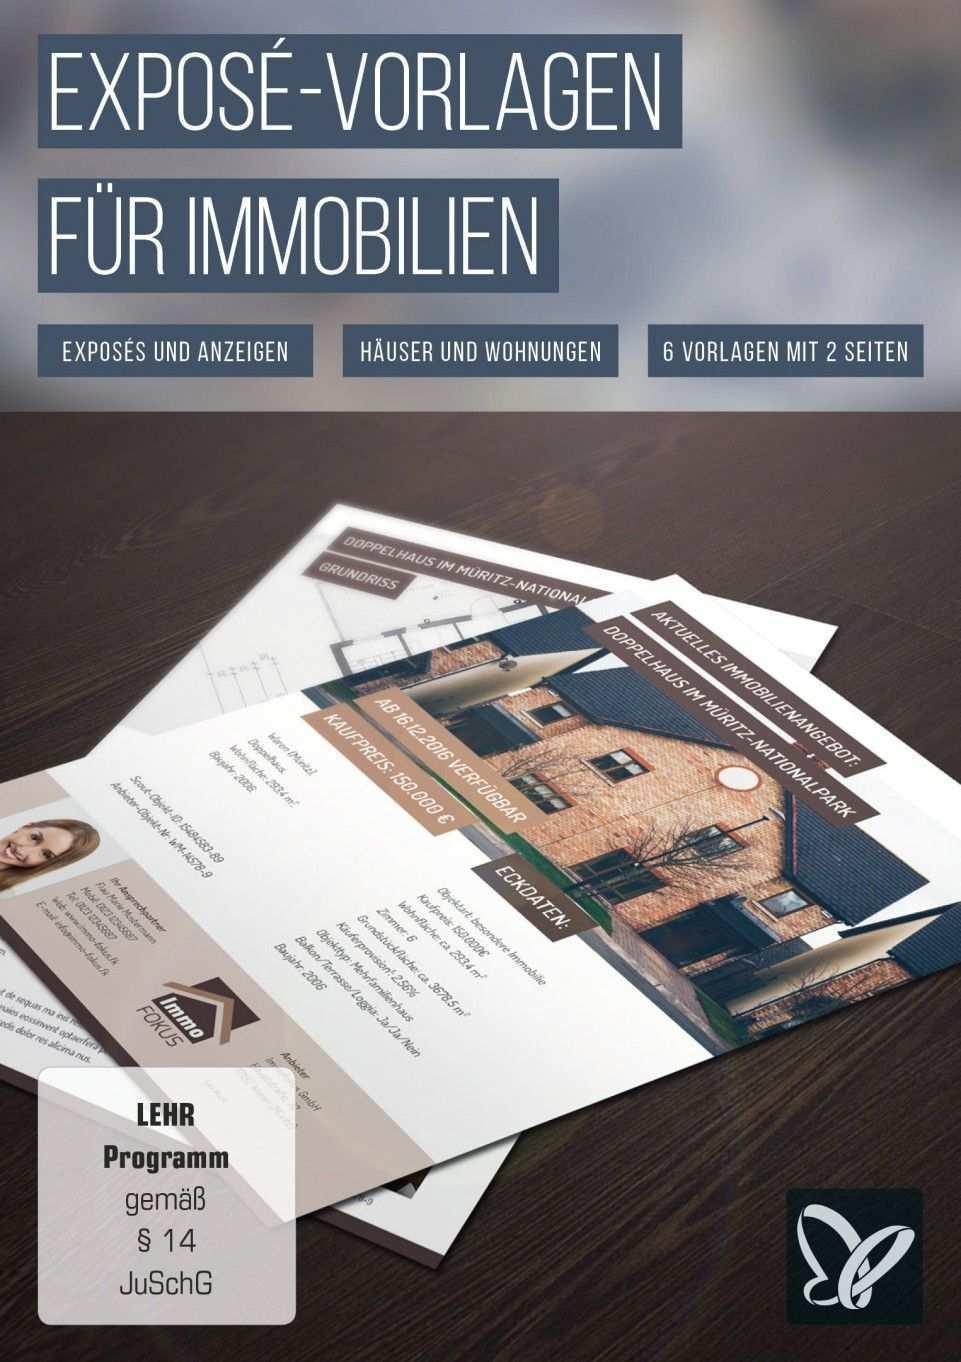 Hochwertige Immobilien Expose Vorlagen Immobilien Expose Immobilien Vorlagen